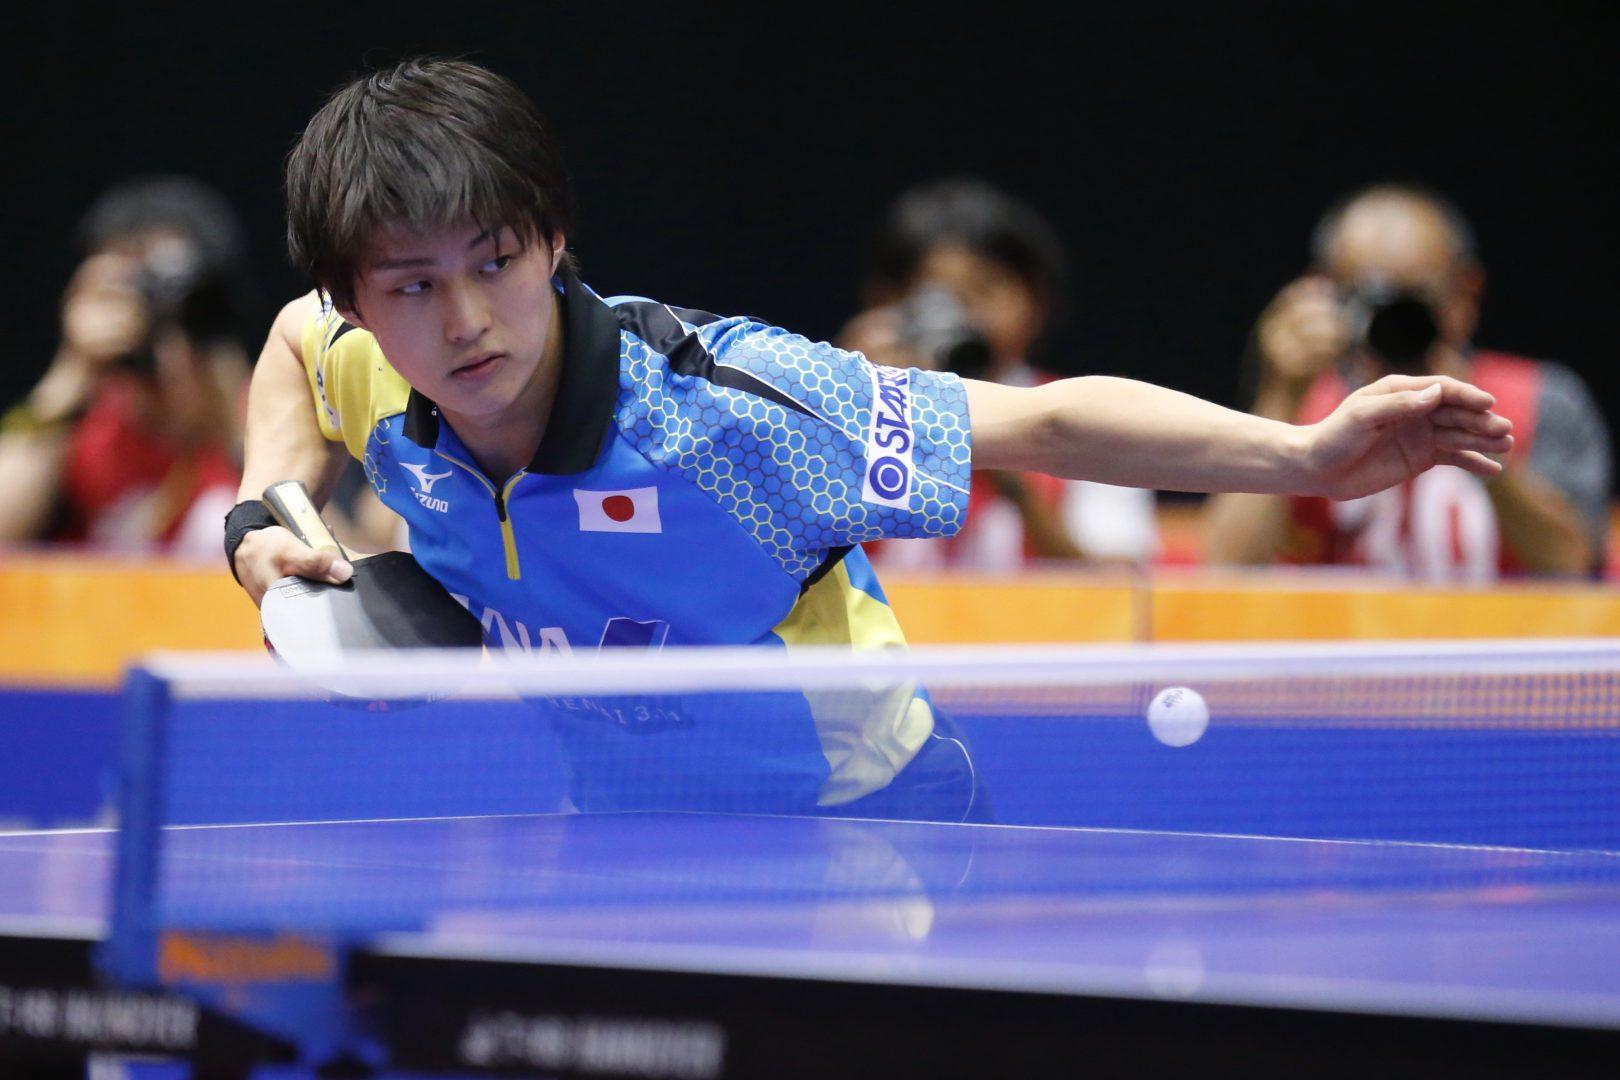 【卓球】U21男子で三部航平が準優勝<ITTF韓国オープン 2日目男子の結果>